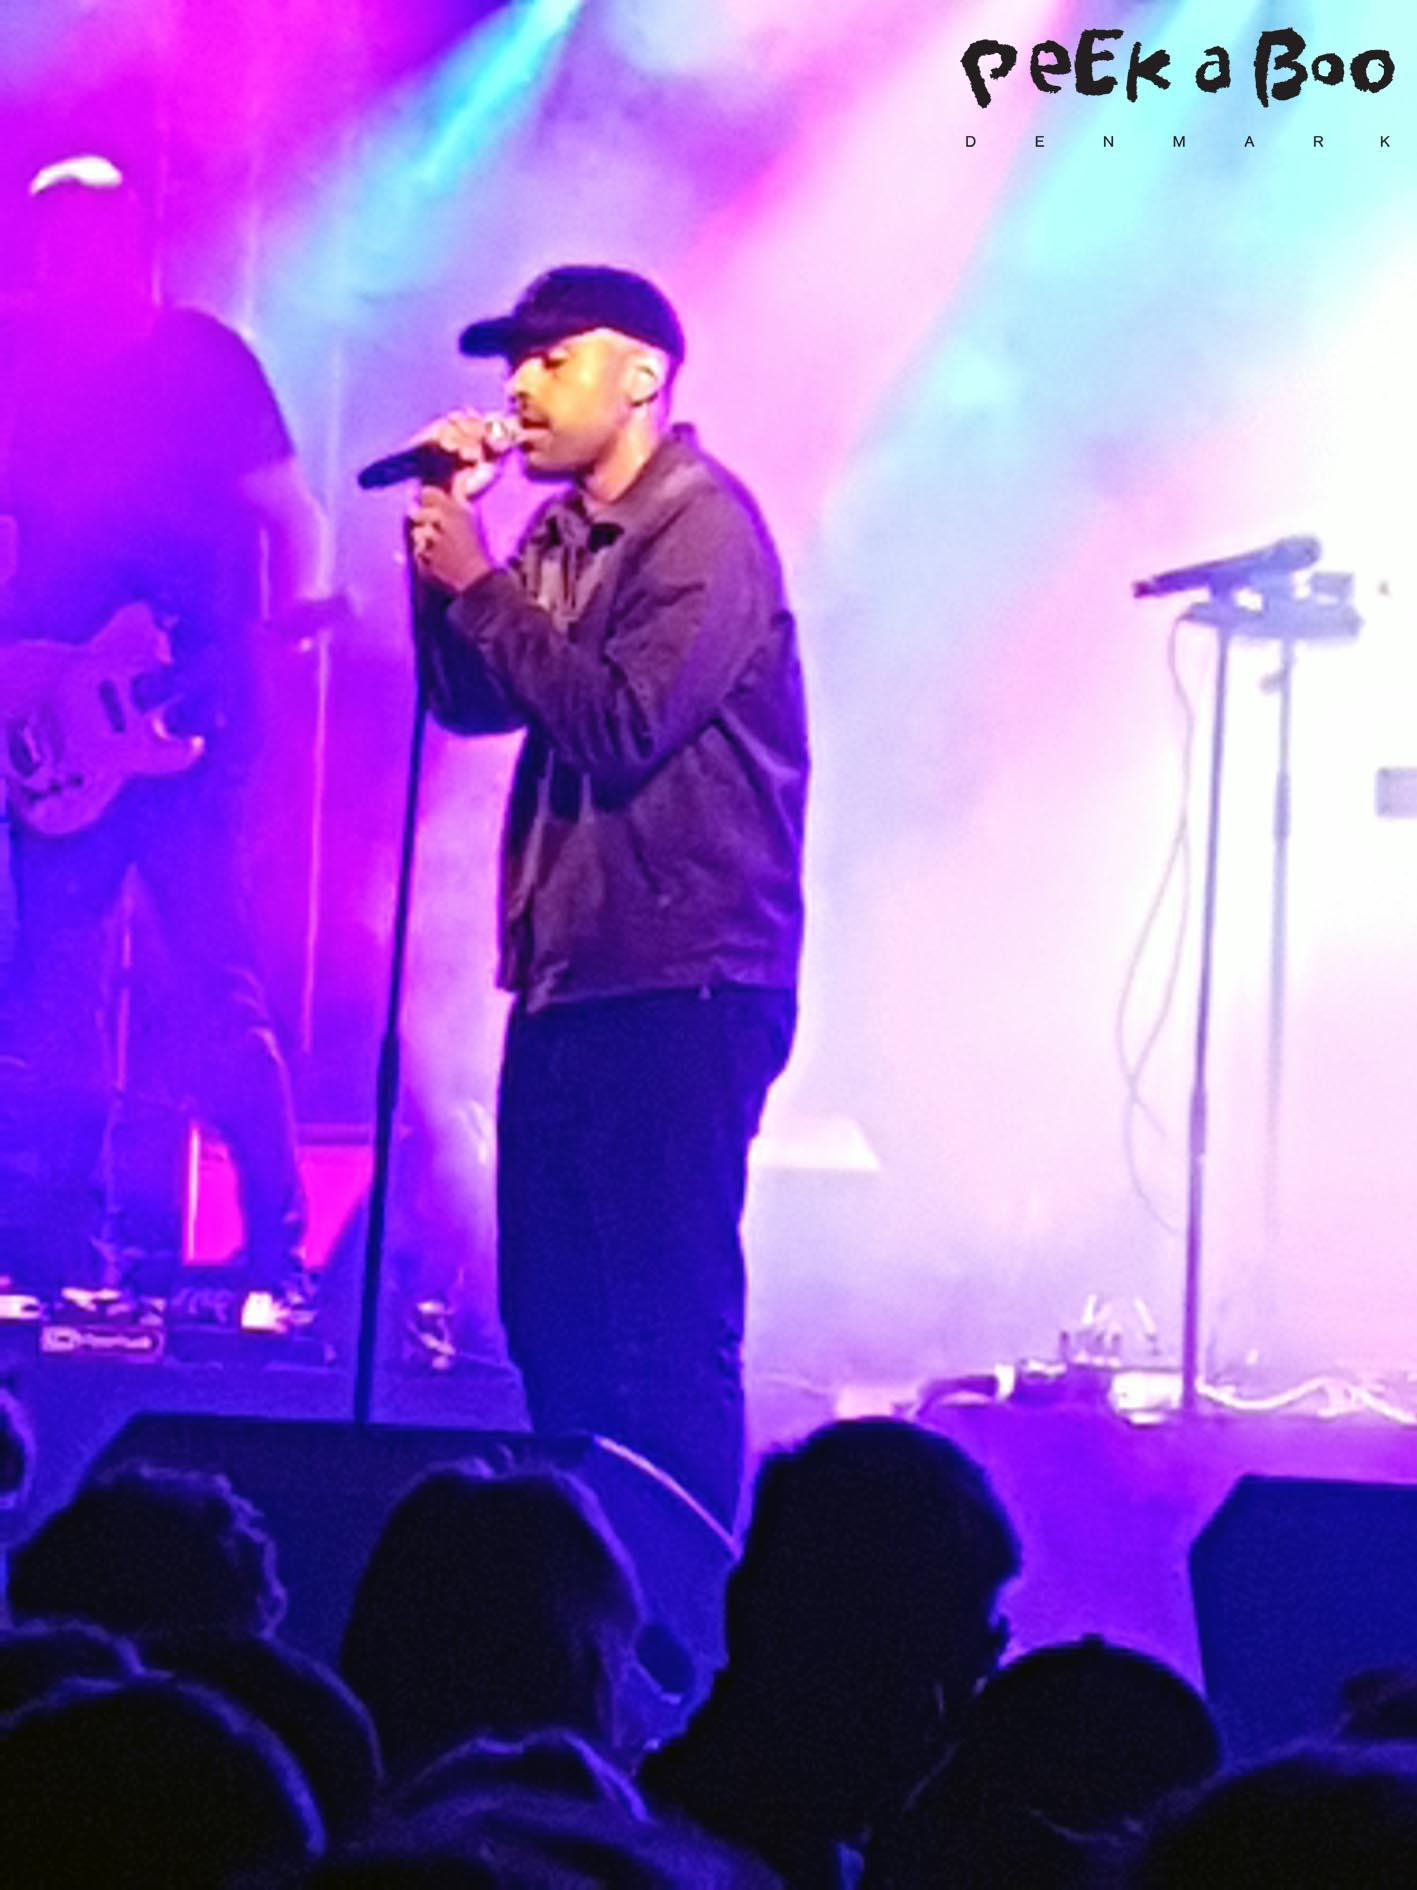 Ukendt kunstner played a fantastic concert at Vig Festival 2016.